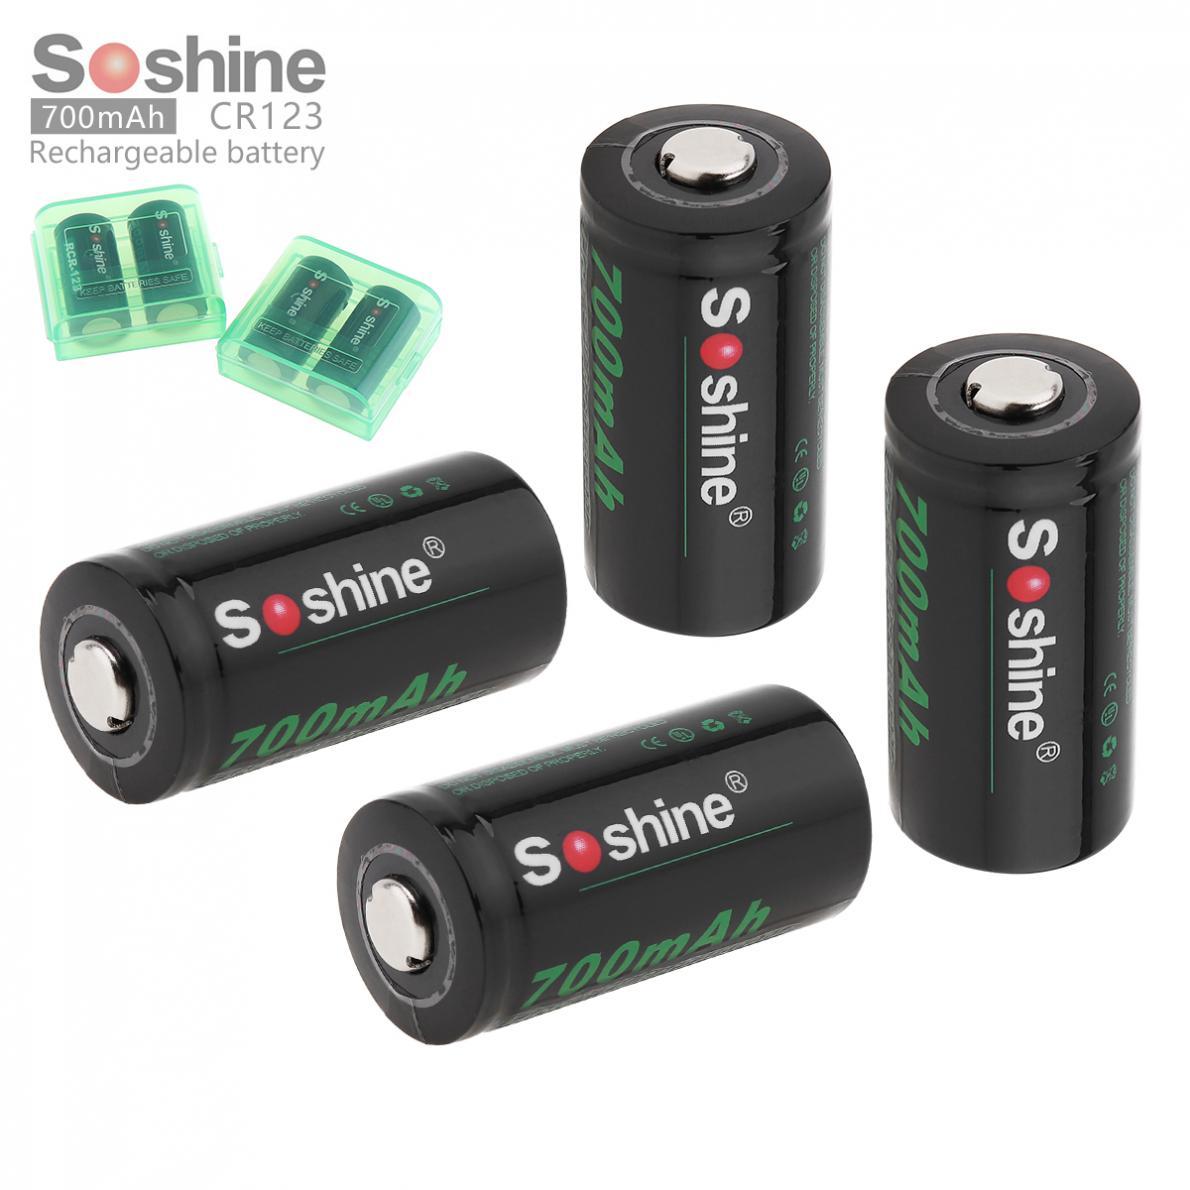 4pcs Soshine RCR 123 16340 700mAh Bateria Recarregável de Li-ion com 2pcs Caixa de Armazenamento Da Bateria para Lanternas Faróis